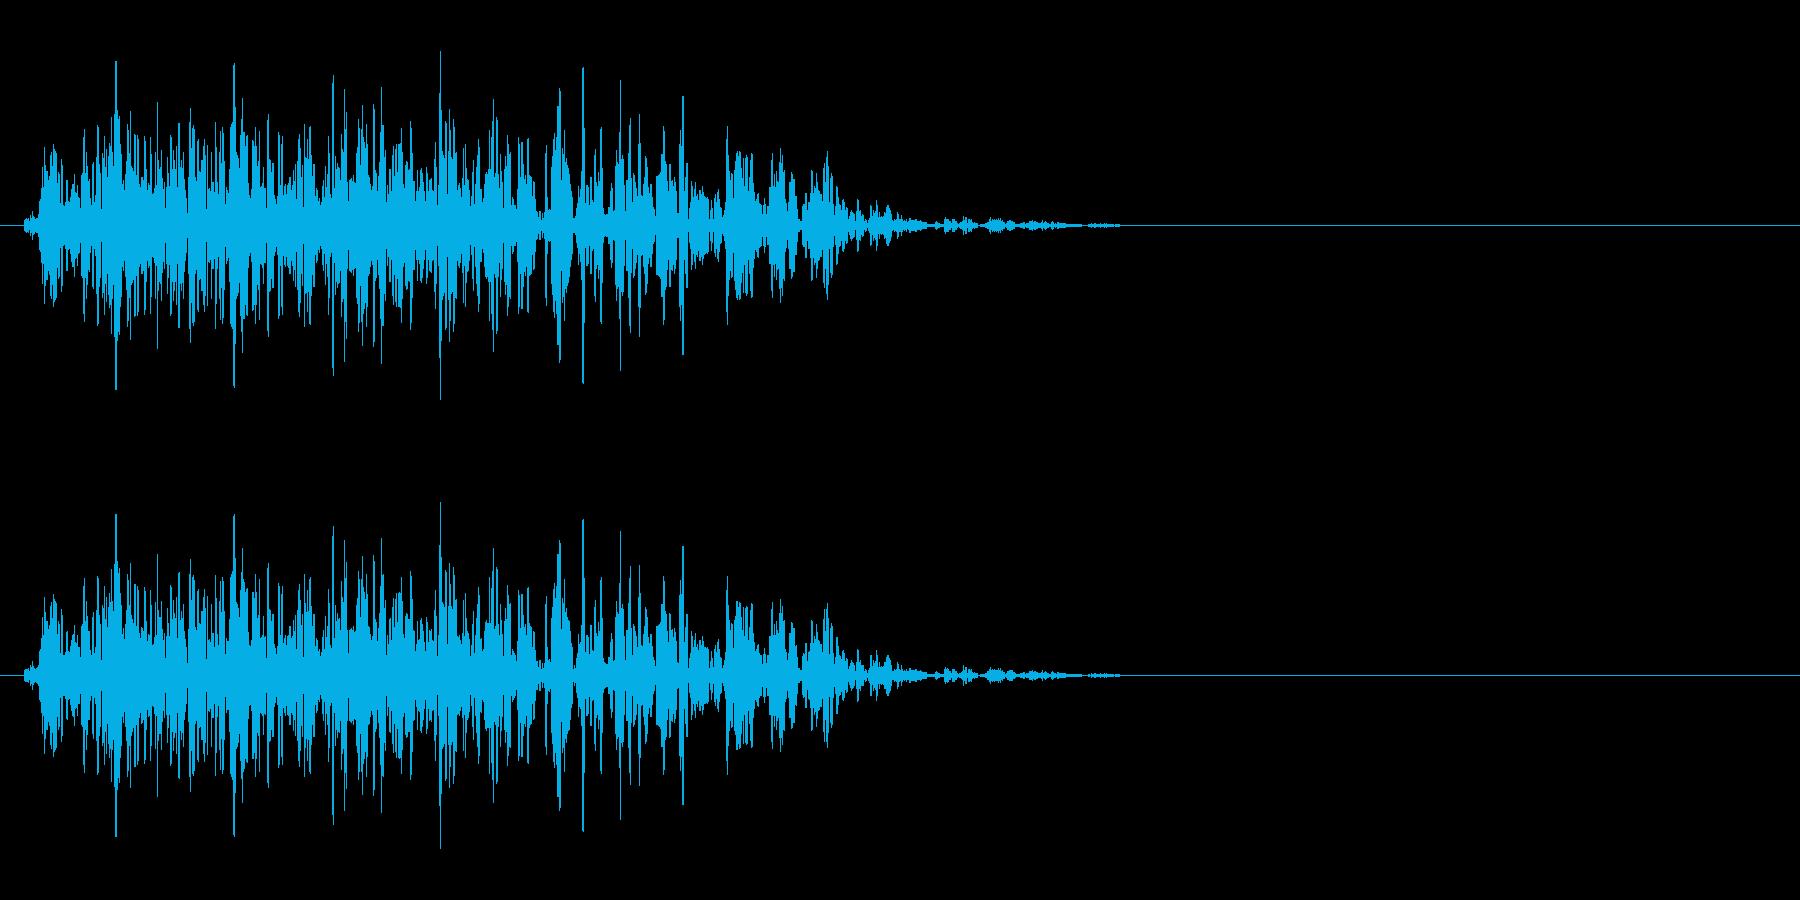 毒を受けたSE(状態異常、毒、ピッチ低)の再生済みの波形